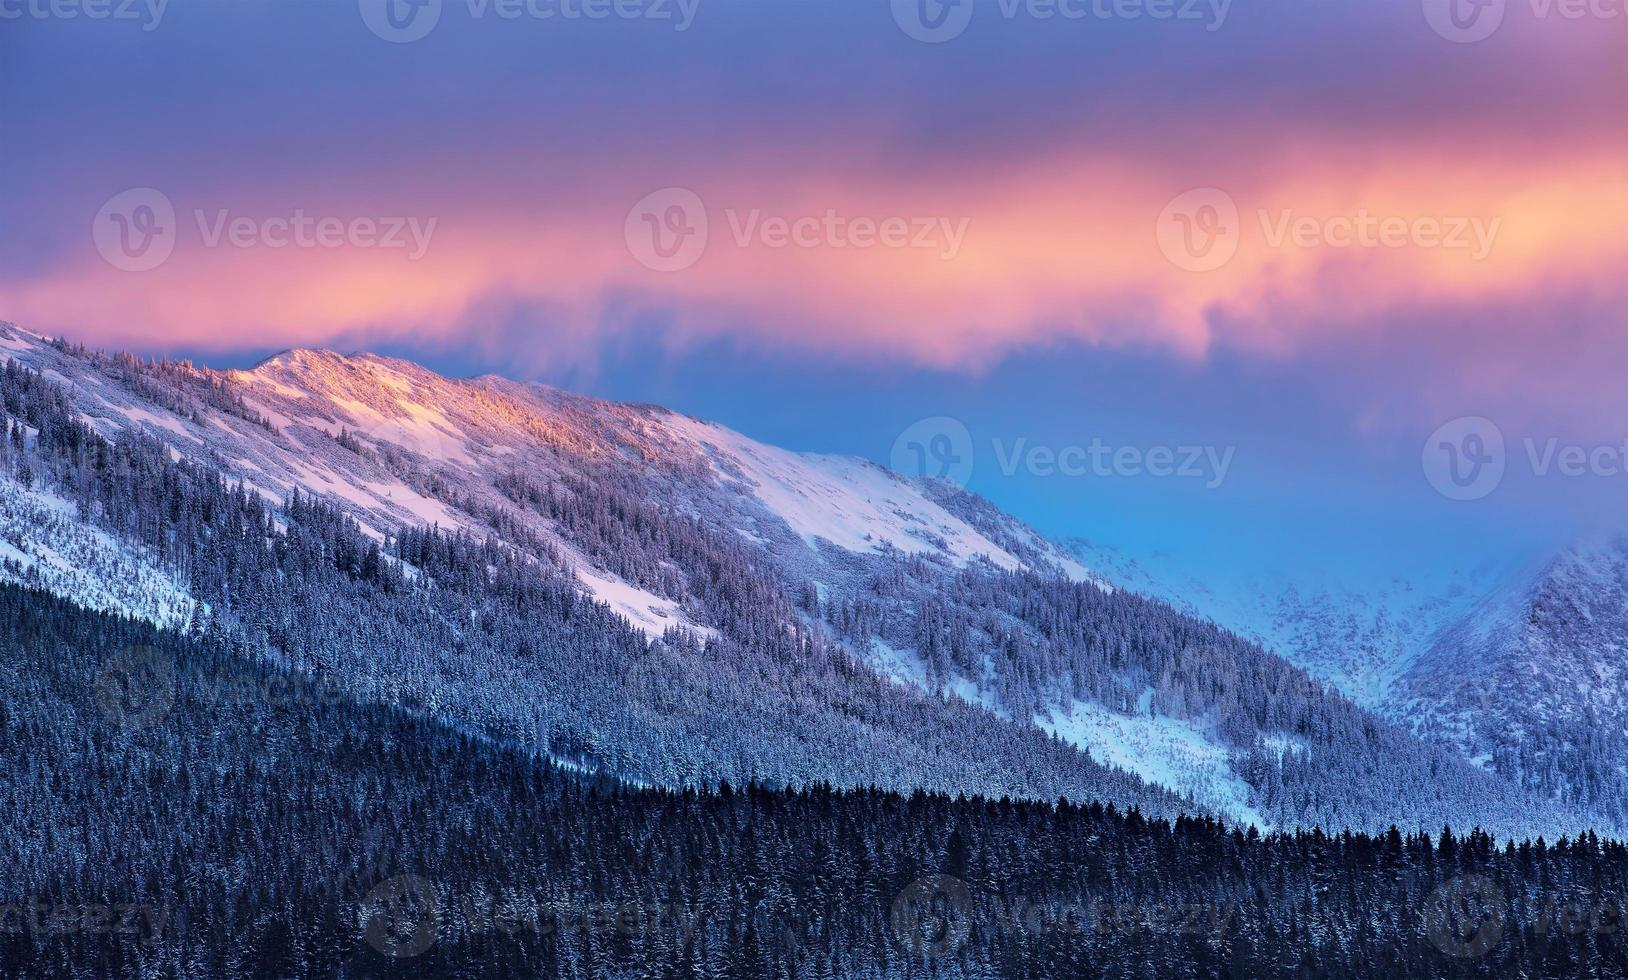 incrível paisagem de inverno foto